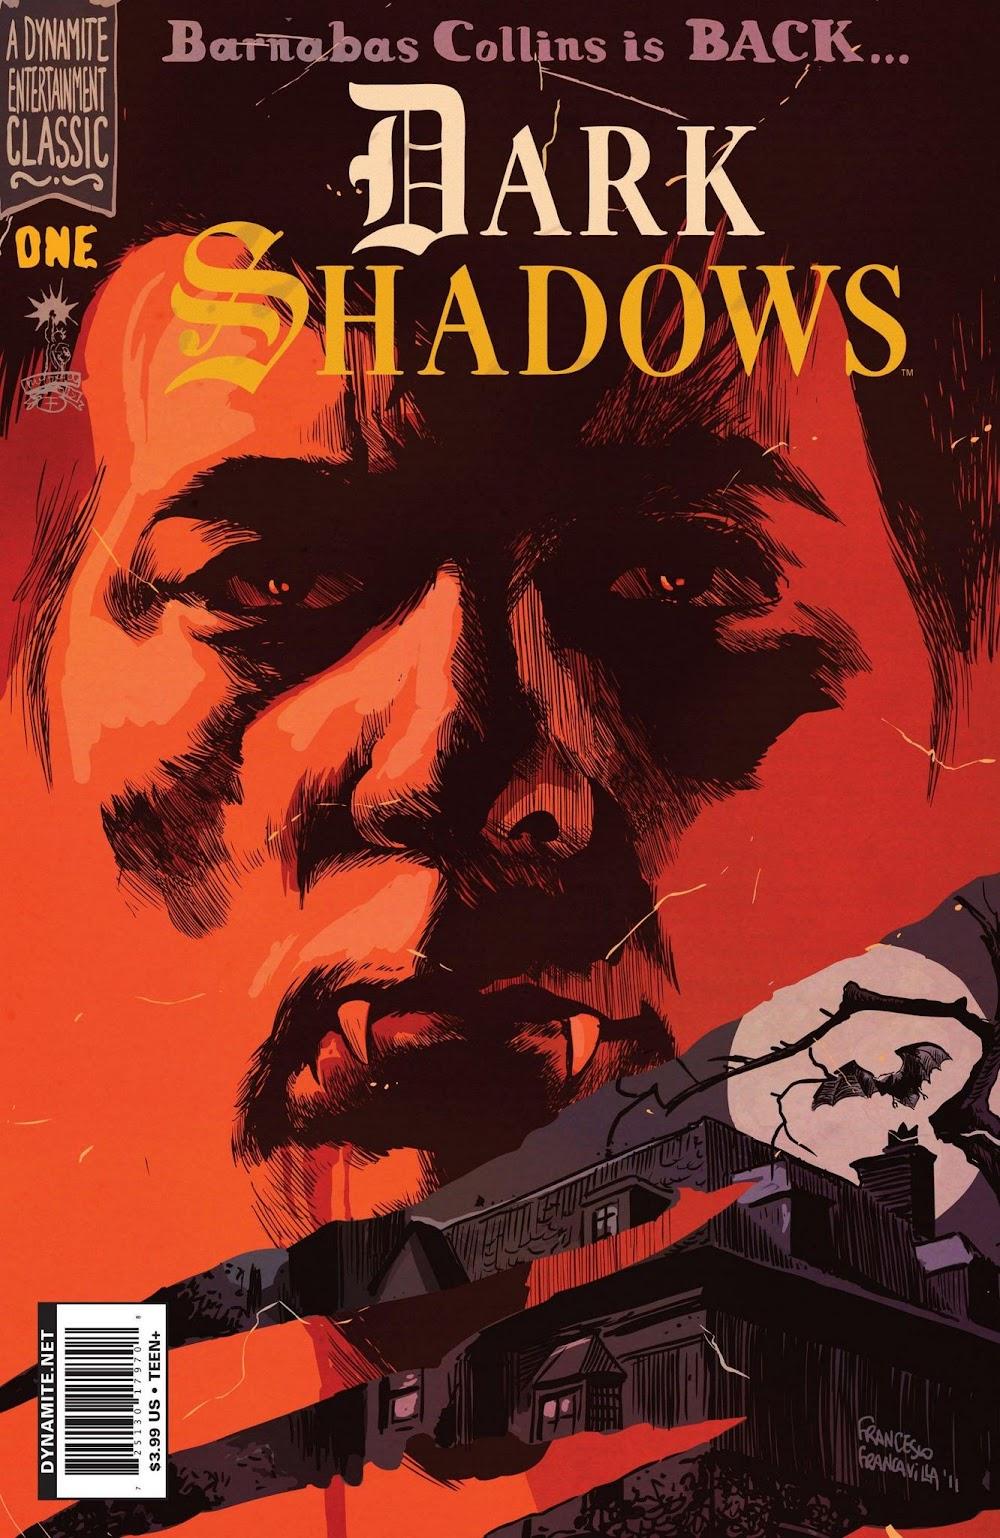 Dark Shadows (2011) - complete